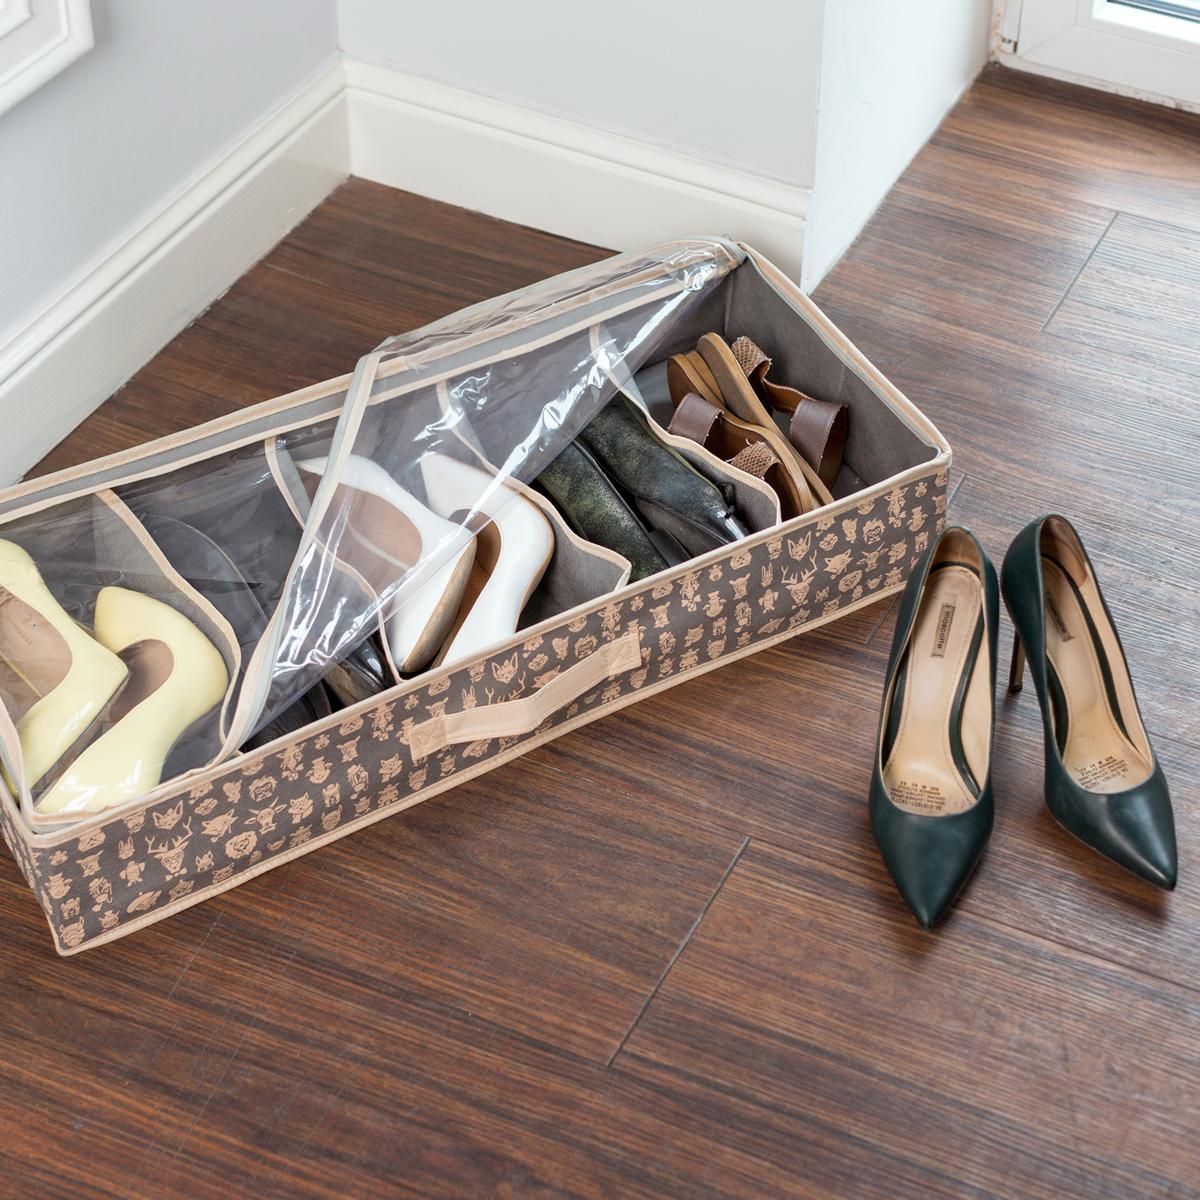 Органайзер для обуви Homsu Hipster Animals, 5 отделений, 66 х 32 х 11 см органайзер для хранения обуви homsu bora bora 52 х 26 х 12 см